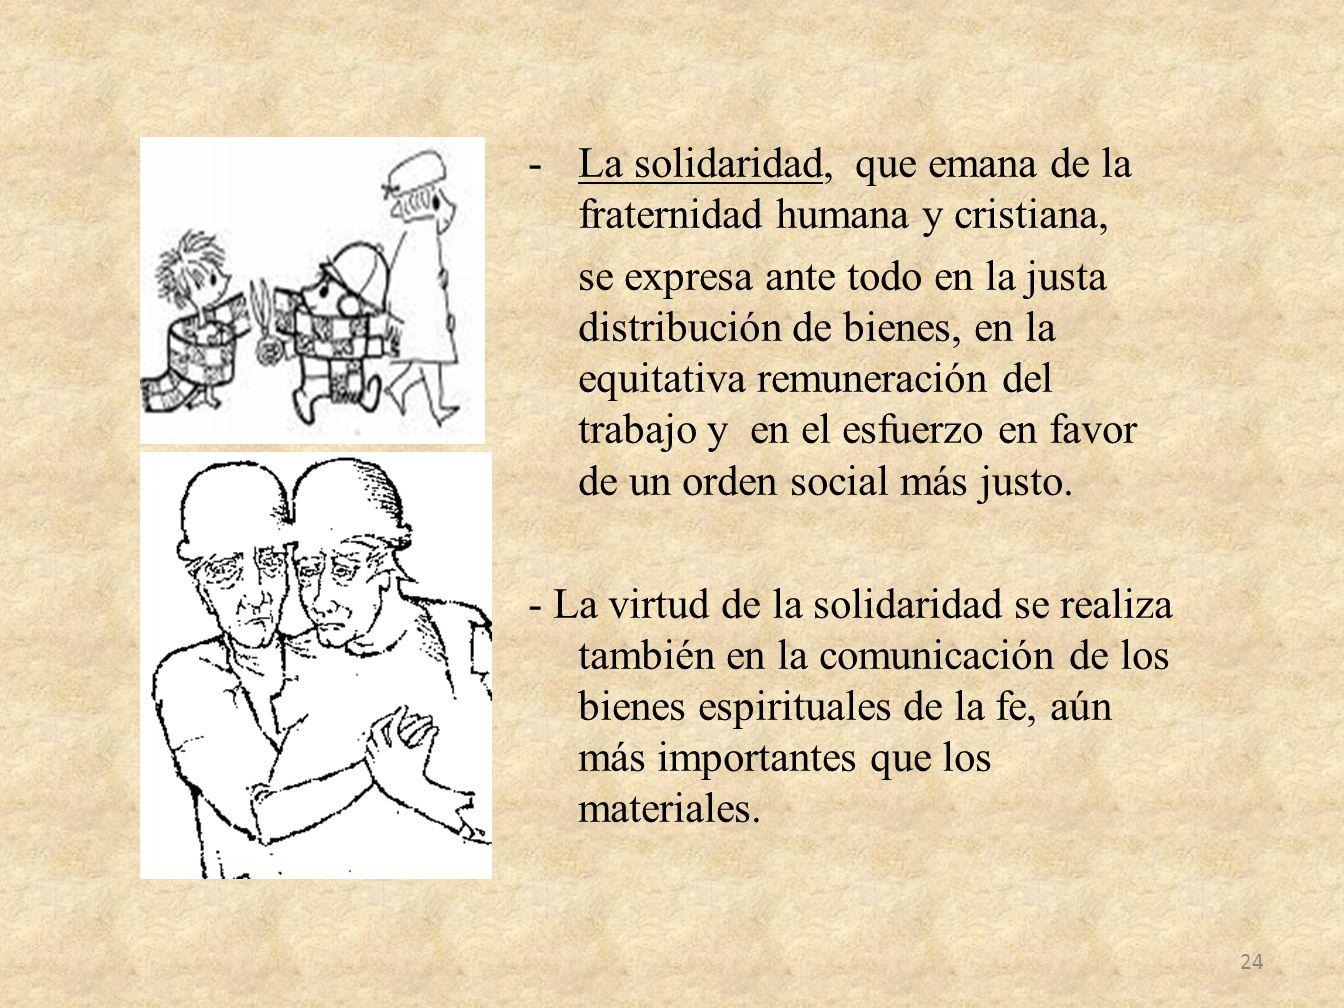 La solidaridad, que emana de la fraternidad humana y cristiana,